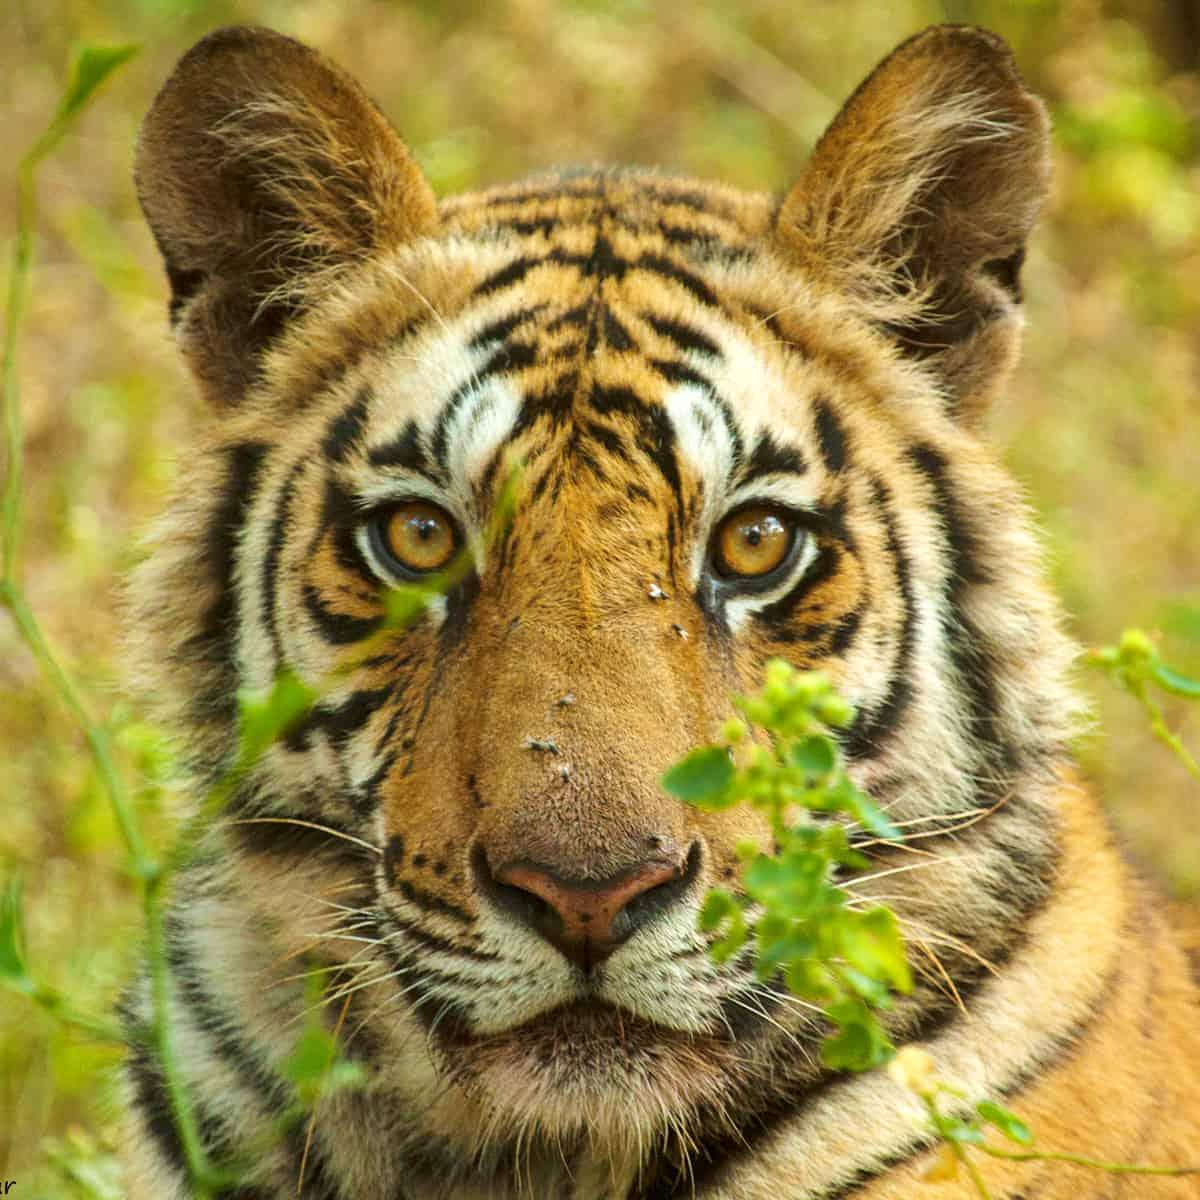 Tiger Blickkontakt